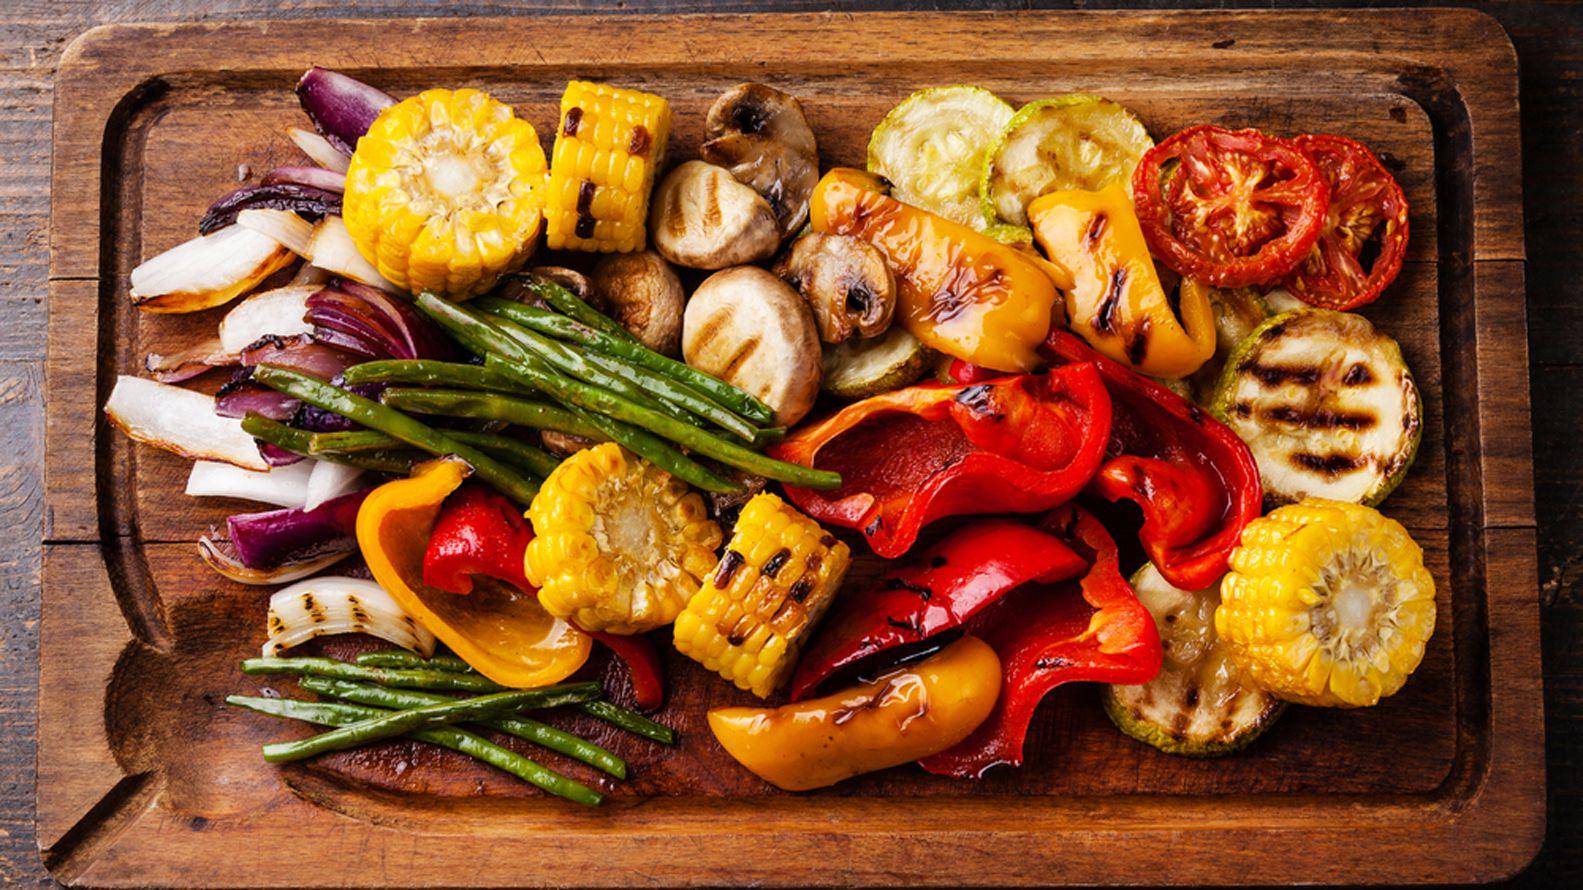 Los antioxidantes se encuentran en las frutas llenas de fibra, así como en las verduras crucíferas como el brócoli (Shutterstock)